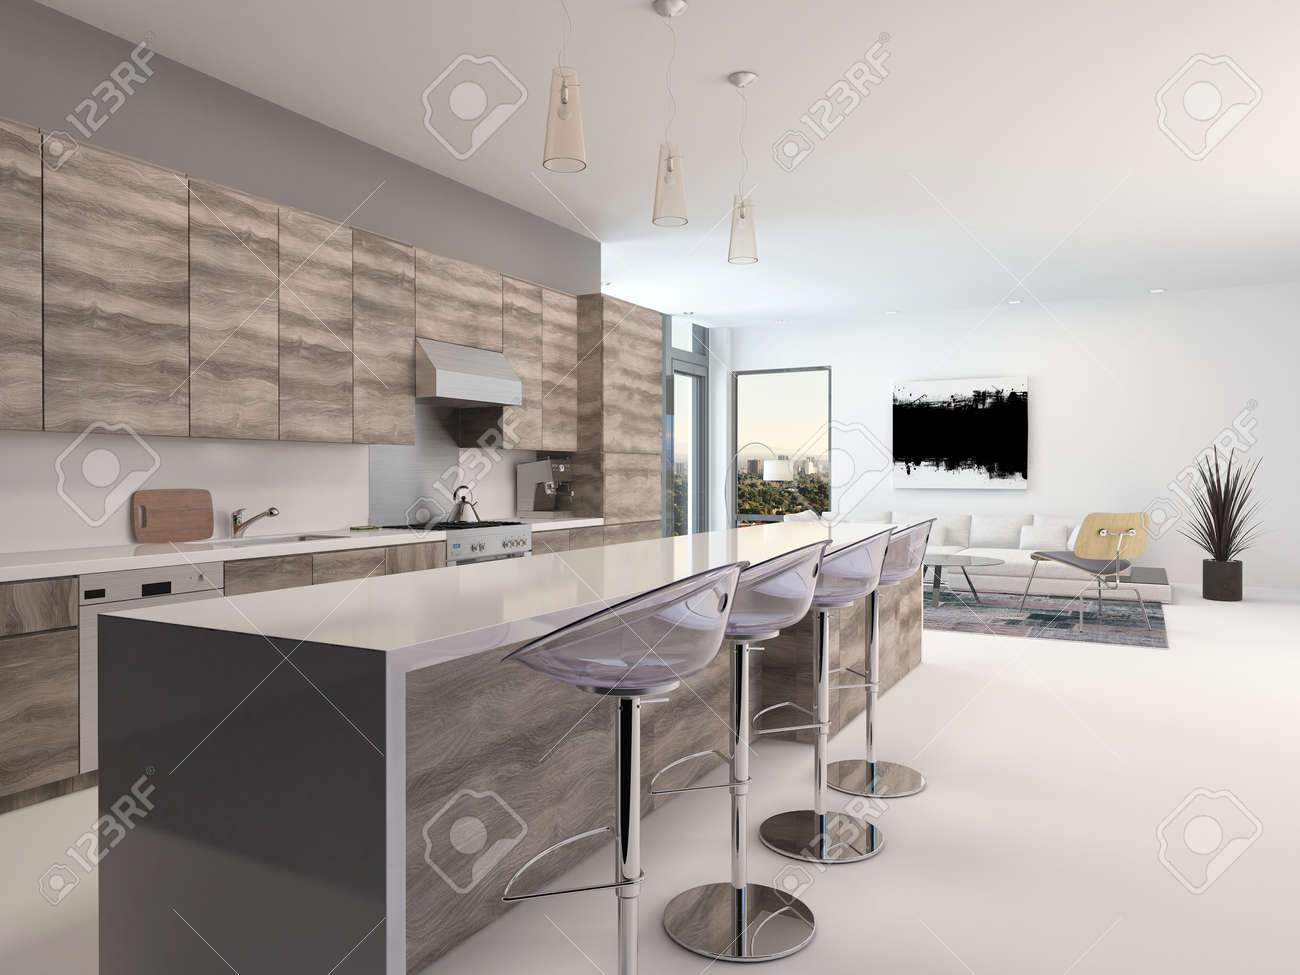 Rustikale Holz Offene Küche Interieur Mit Einer Langen Theke Und ...